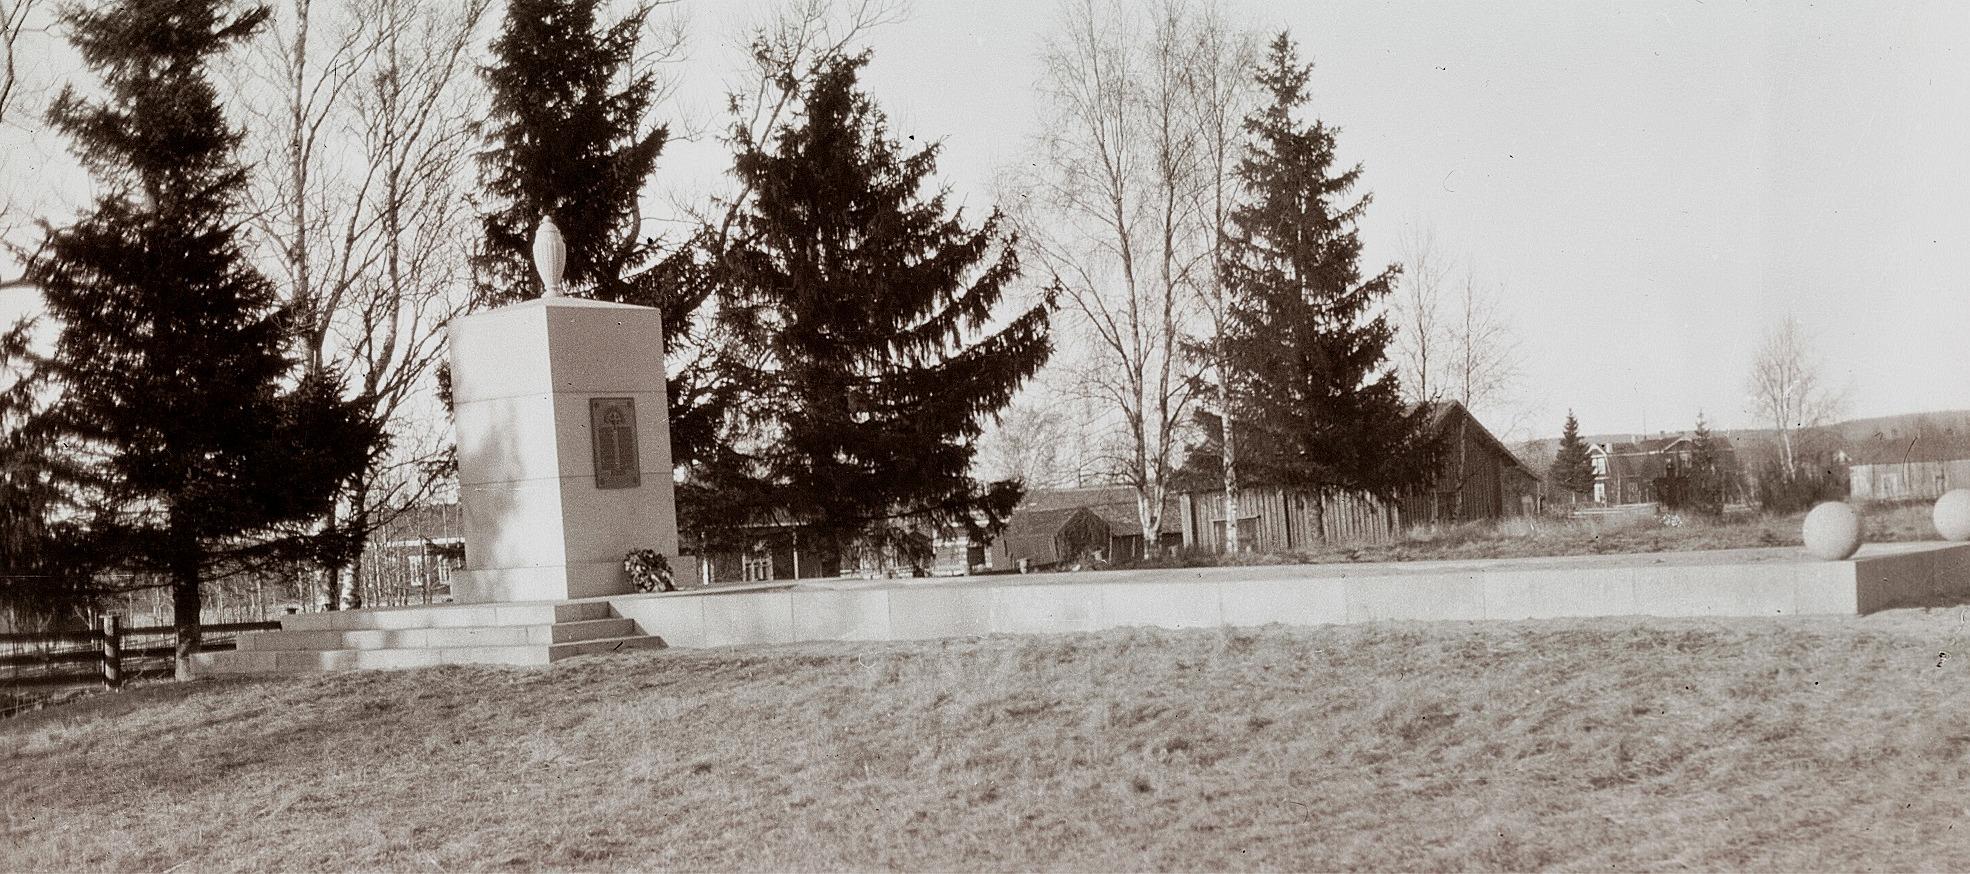 """Minnesmärket över de stupade i frihetskriget 1918 framför de granar som sågades ned 2016. Till vänster om minnesmärket syns """"Väktarinas"""" alltså Viktor Ingves och på högra sidan """"Soininenas"""" alltså Oskar Sillanpääs hus. I huset mitt i bild som kallades """"skärhuset"""" obducerades mördade, drunknade och andra osäkra fall. Långt bakom till höger skymtar den finska folkskolan och Svedar Johanas, alltså Asplunds hus."""